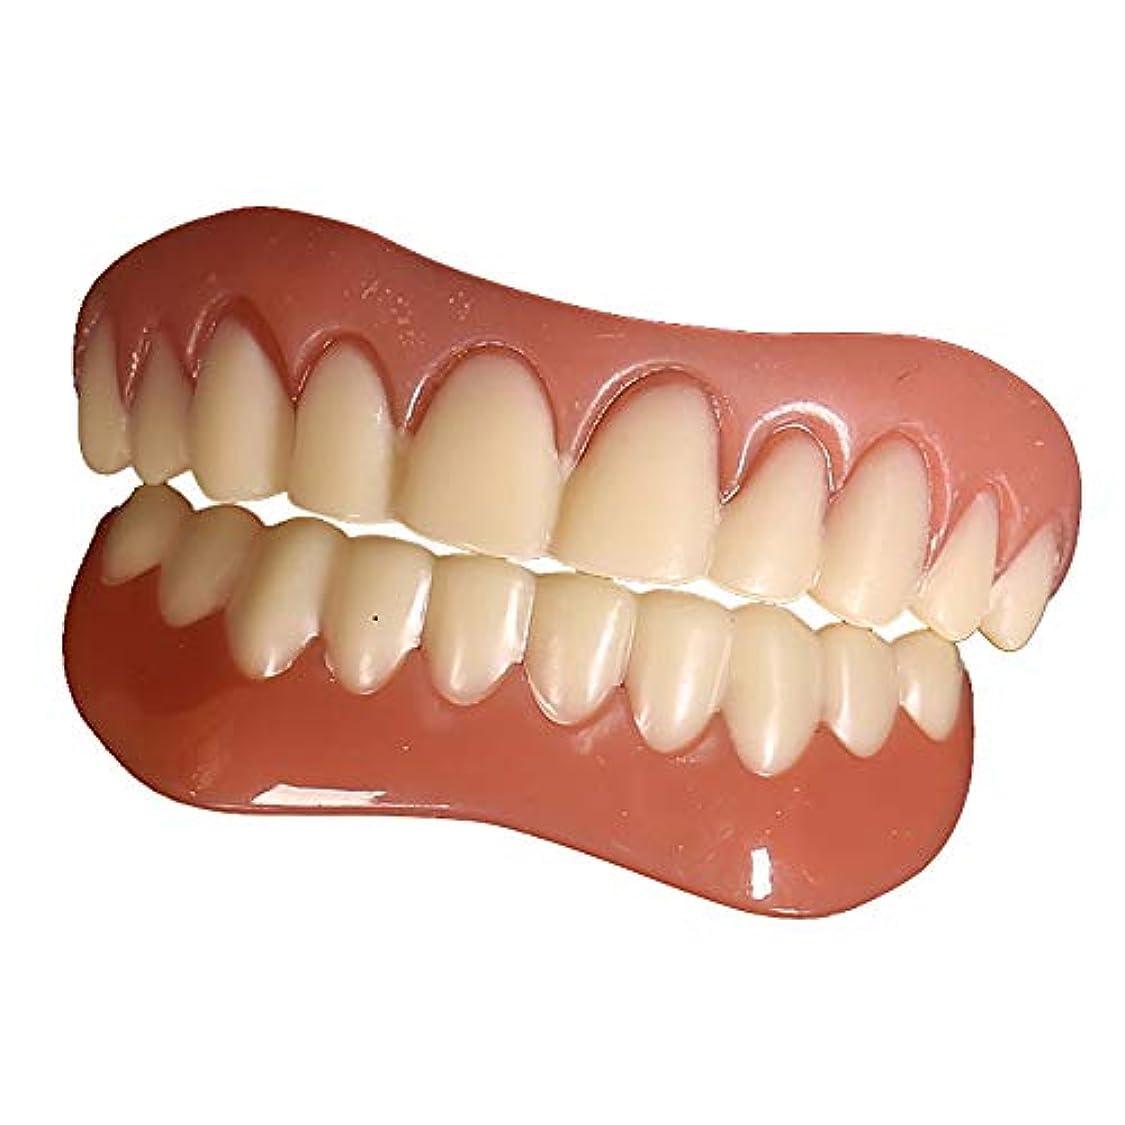 パーフェクトインスタントスマイルティースベニヤインスタントビューティーデンチャー上下歯2組(フリーサイズ(中))